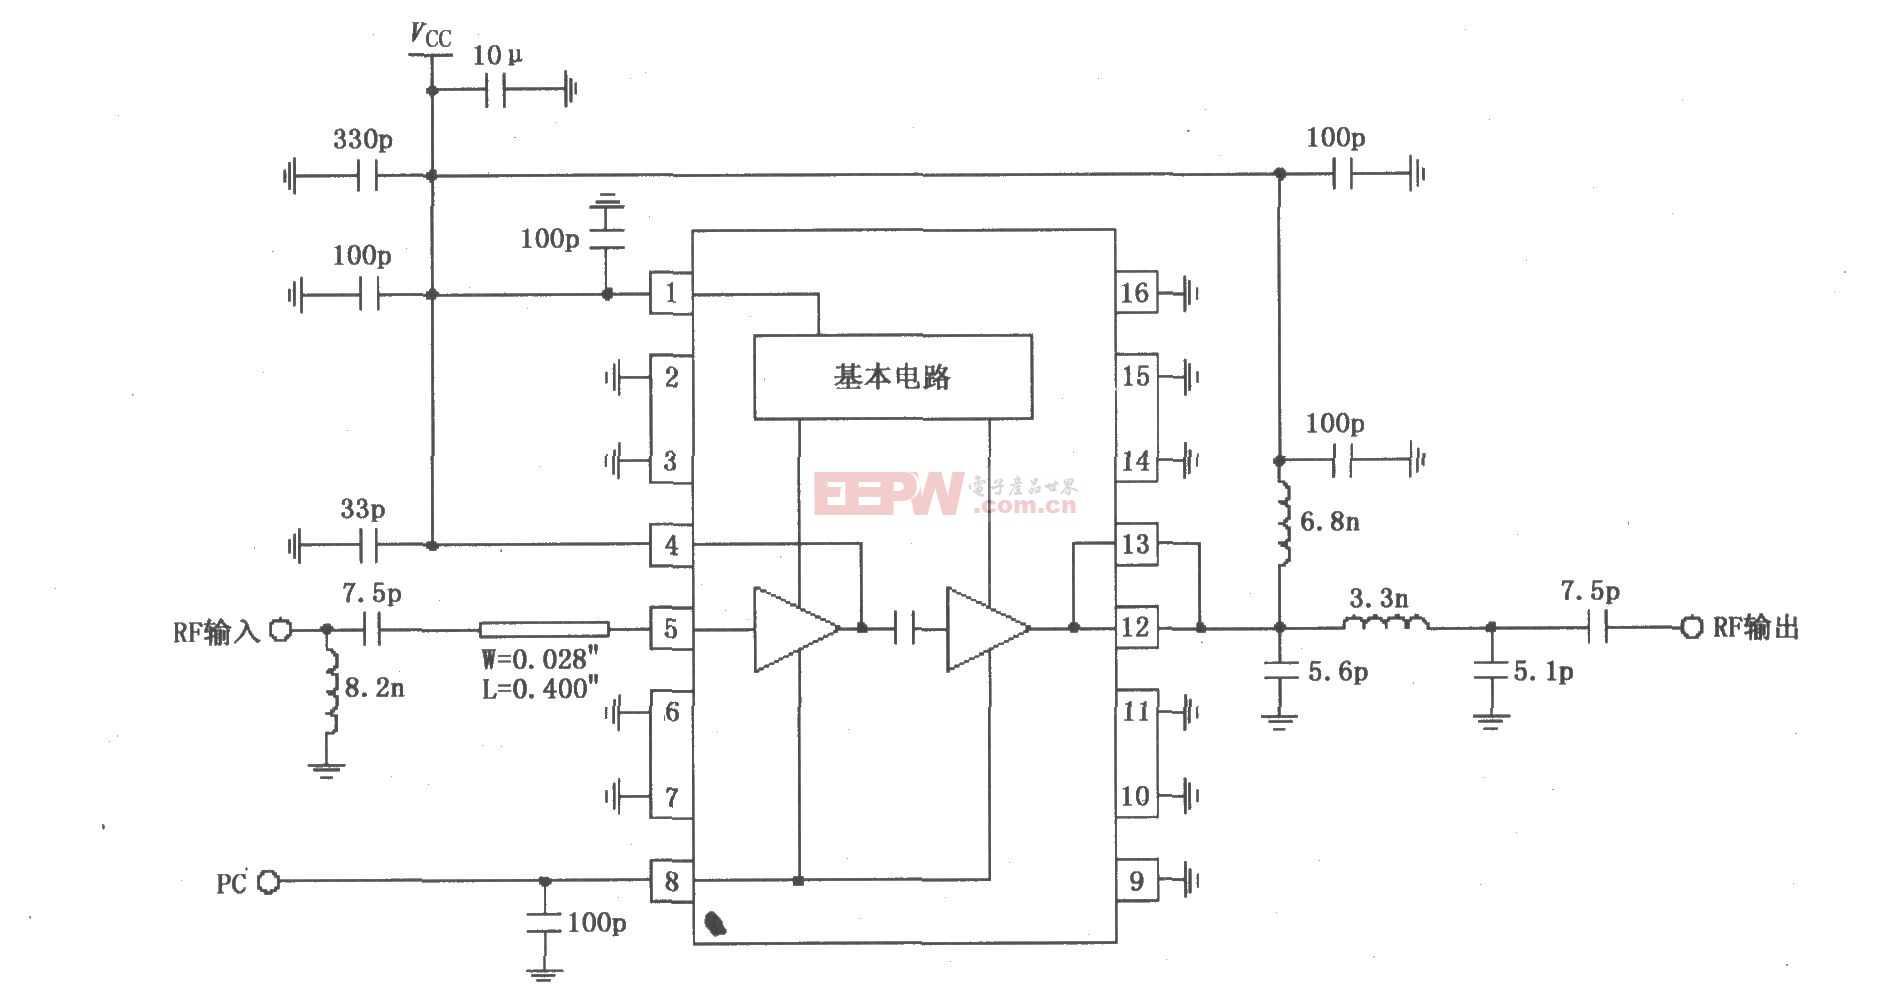 RF2104构成的915MHz中功率放大器原理电路图